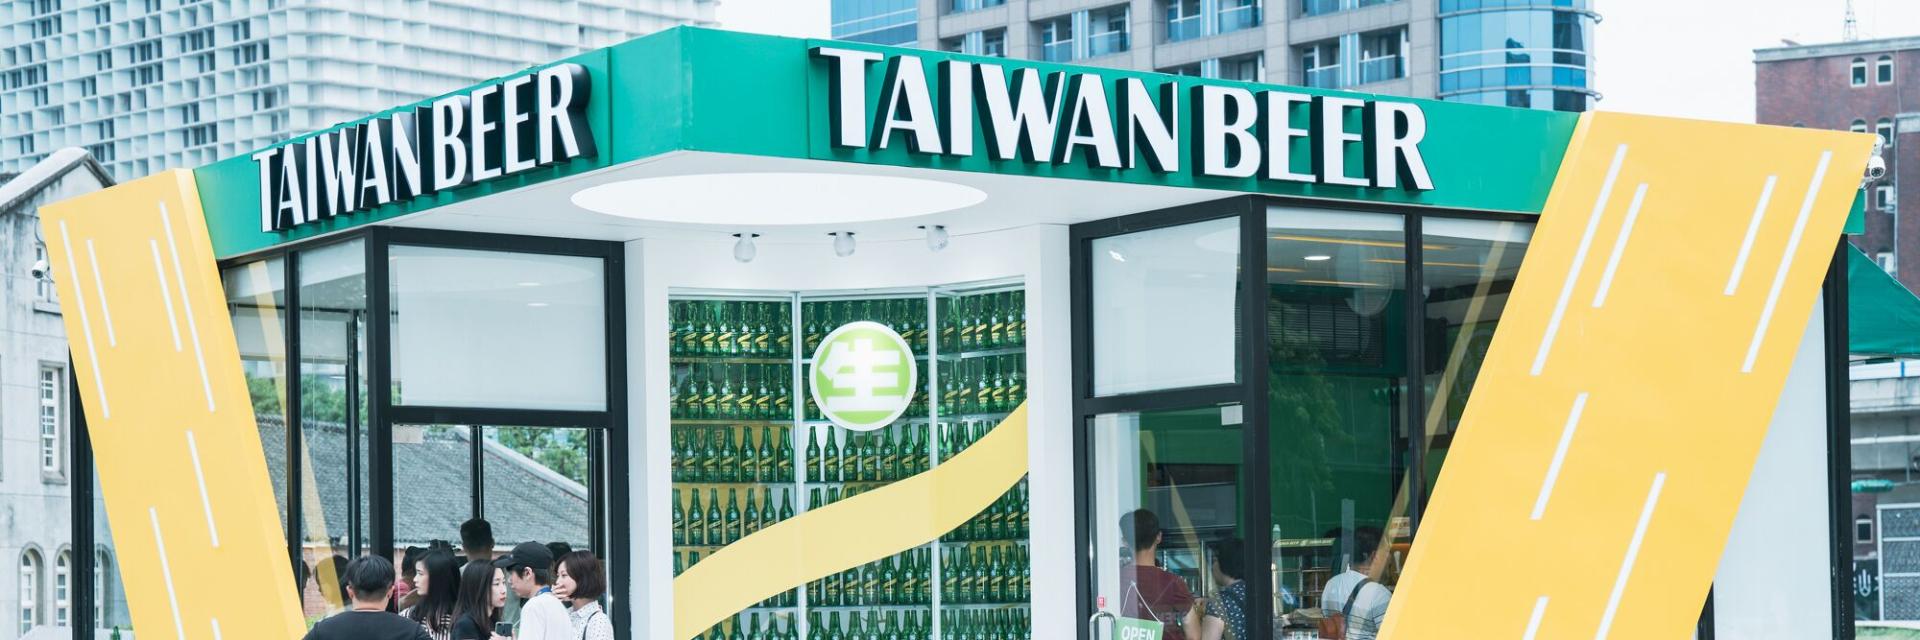 酒咖們注意!「18 天台灣生啤酒」快閃店在華山開張啦!還有限定版的大人口味芒果啤酒冰沙!不喝不行!